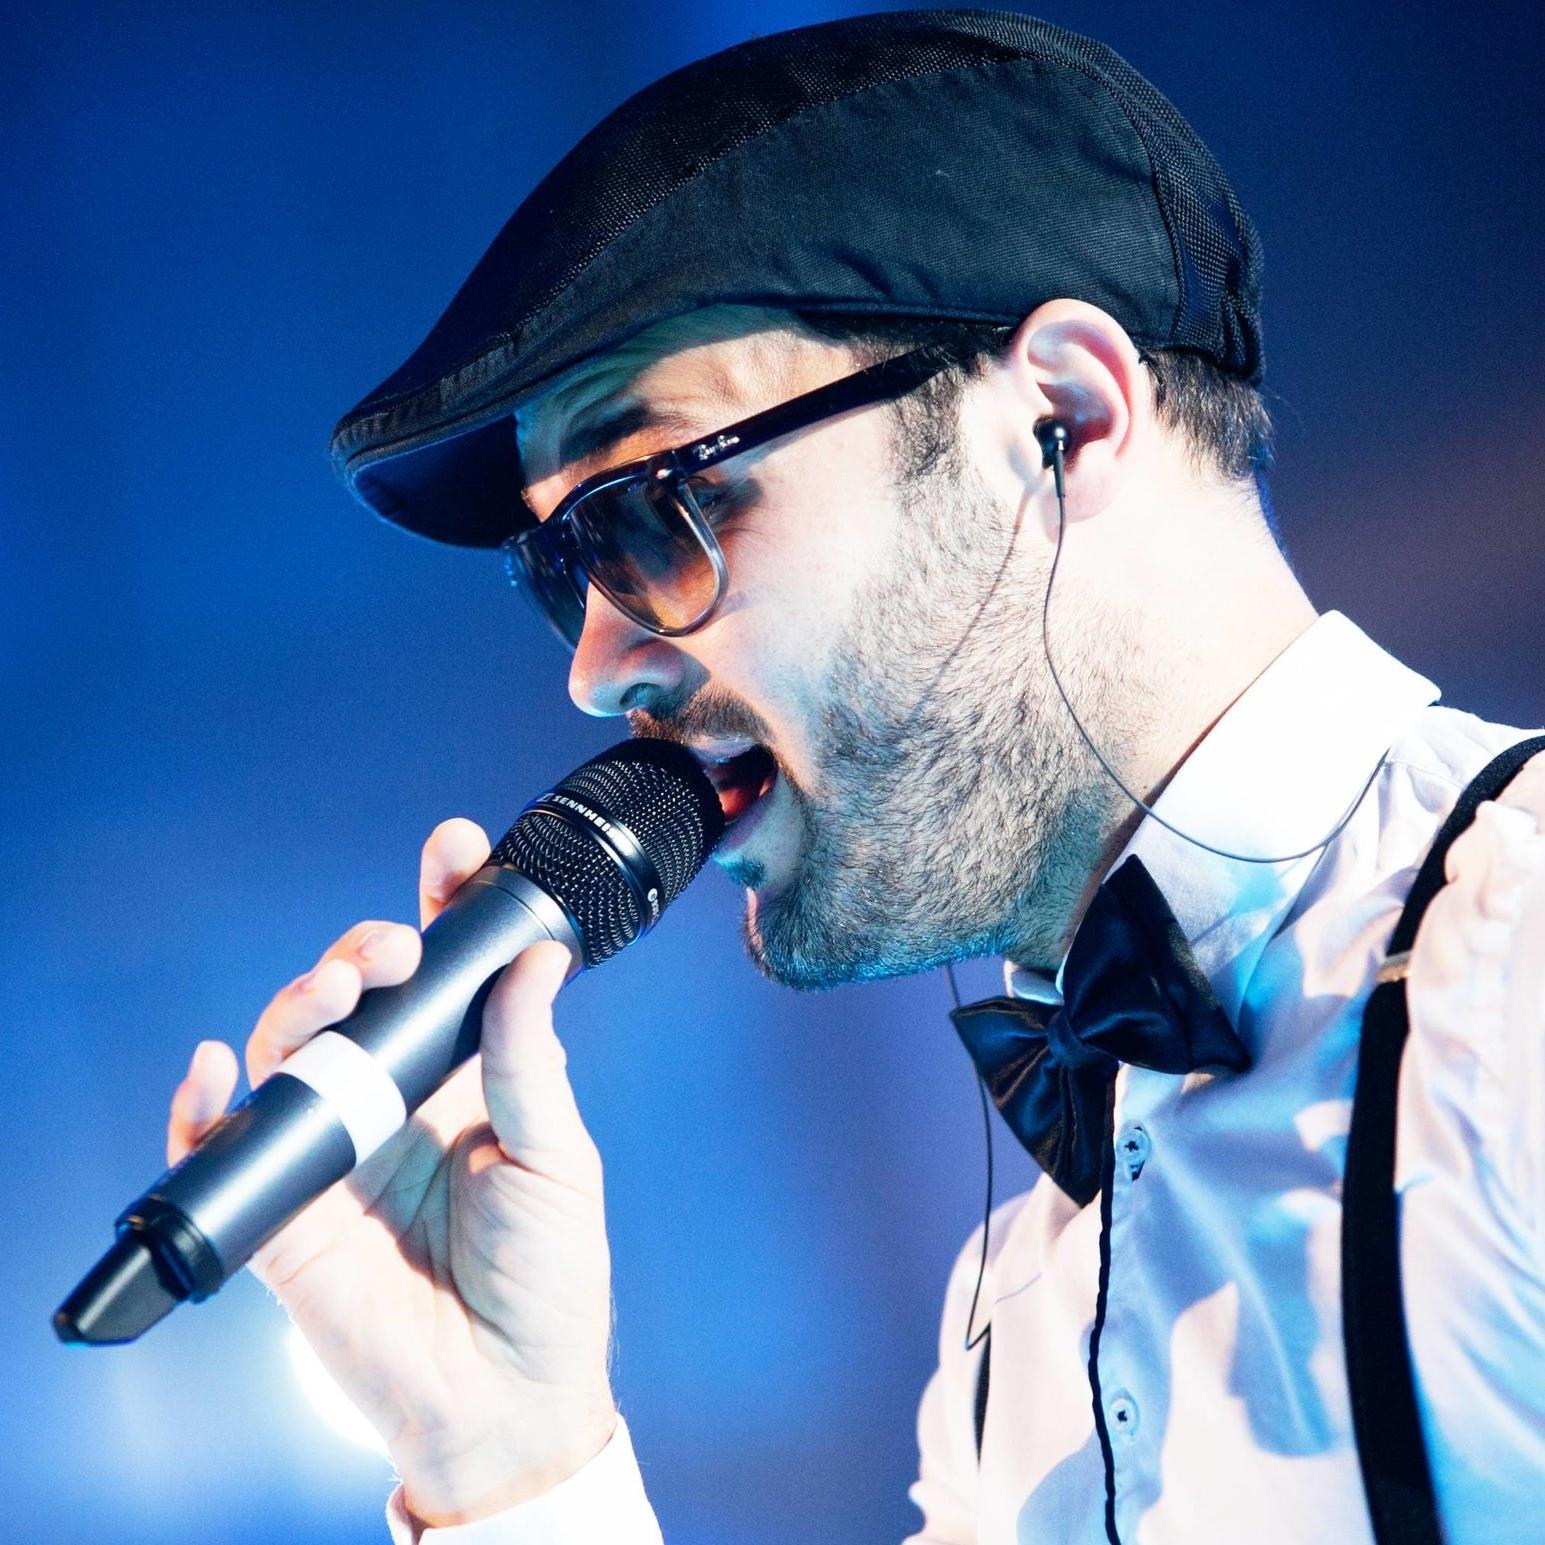 Mo Brandis - Vocals